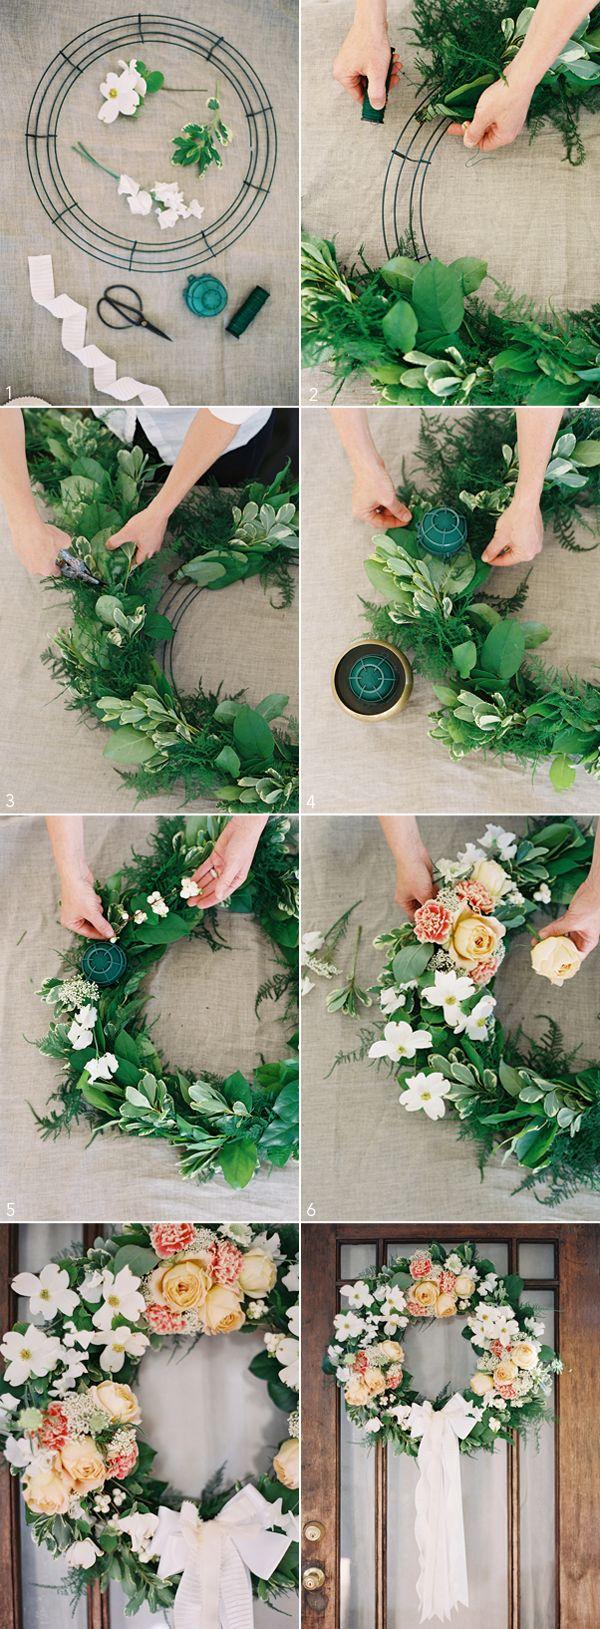 Wedding Diy Decorations 20 Creative Diy Wedding Ideas For